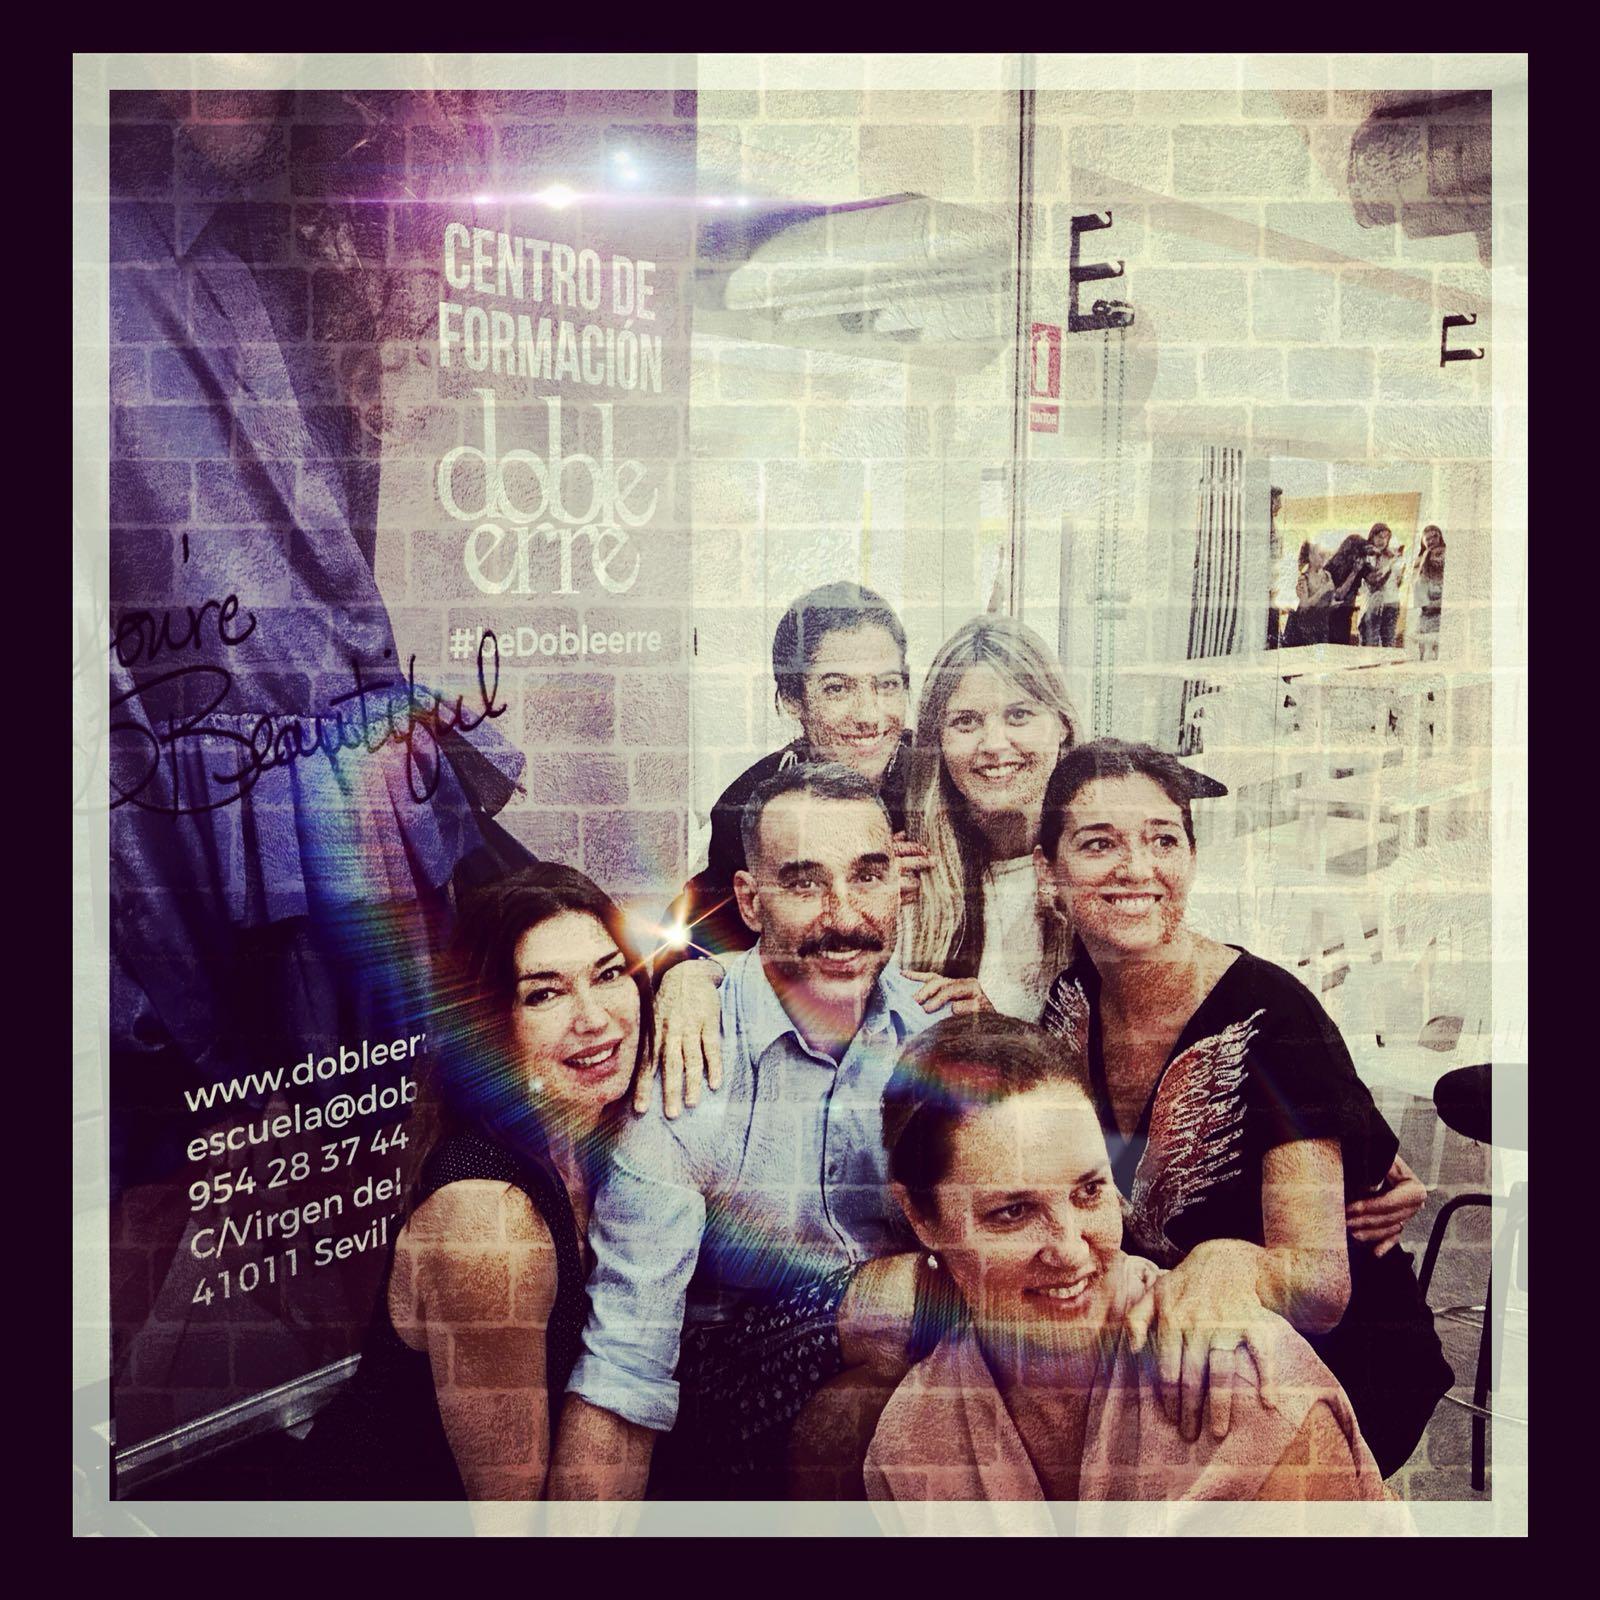 Junto a los profesores y compañeros de Doble Erre: Manuel Cecilio, Cristina Marín, Martha García Castrilllón, Victoria Pozuelo y Beatriz Sánchez Misir, nueva directora de la escuela.